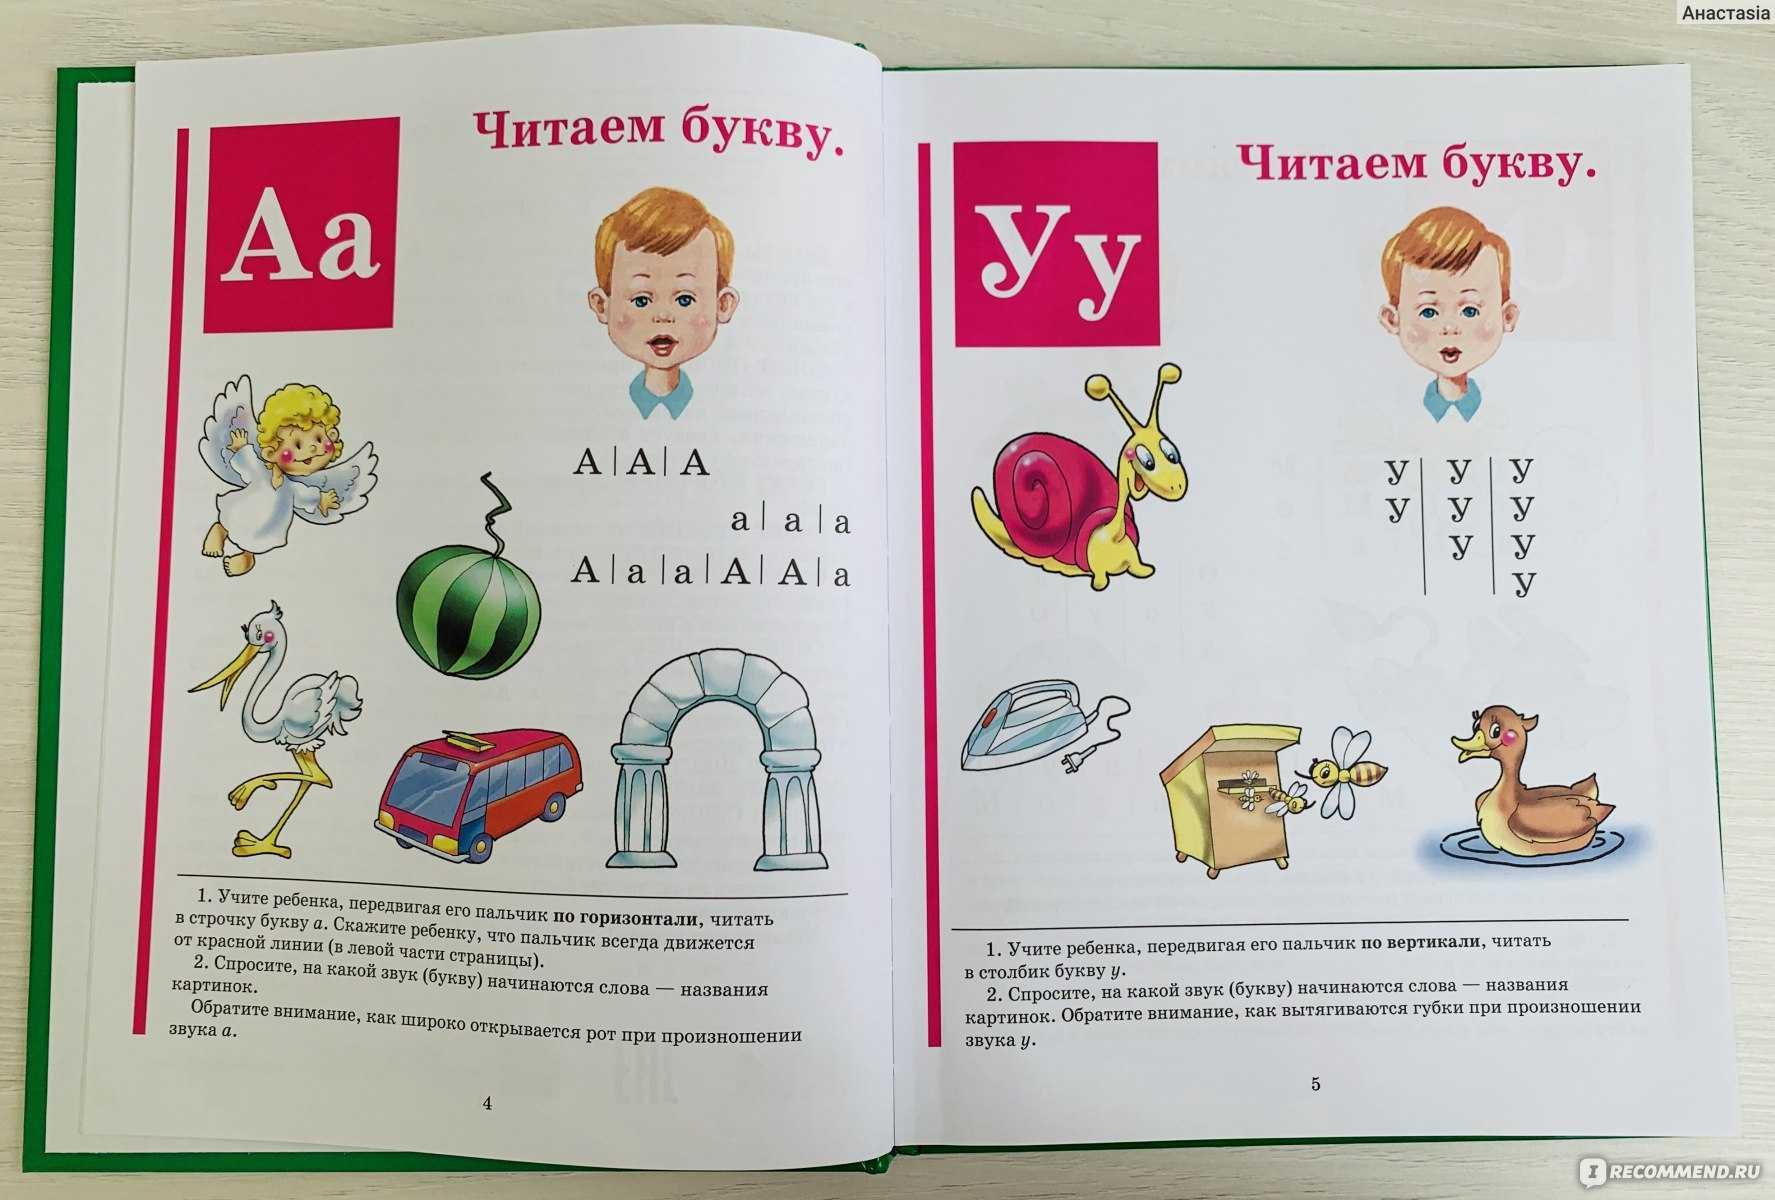 Гленн доман, зайцев или жукова - какая методика обучения чтению самая лучшая? | все для детей